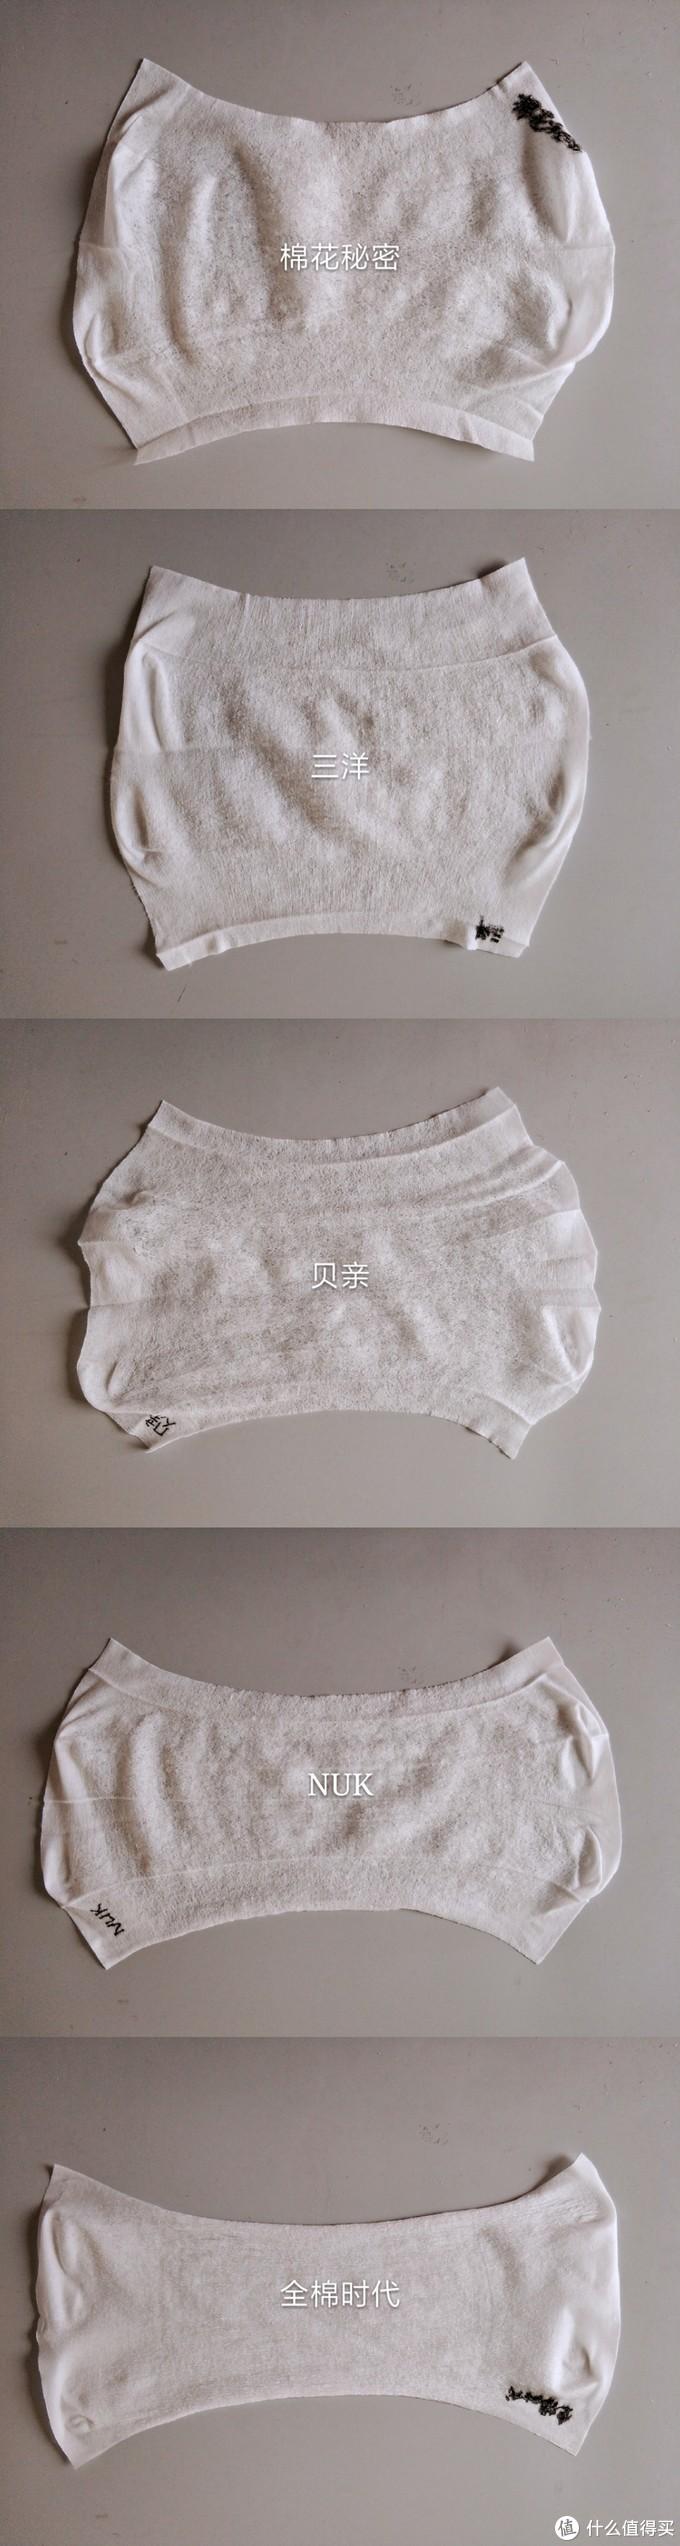 双胞胎养到破产二: 性价比湿巾选择